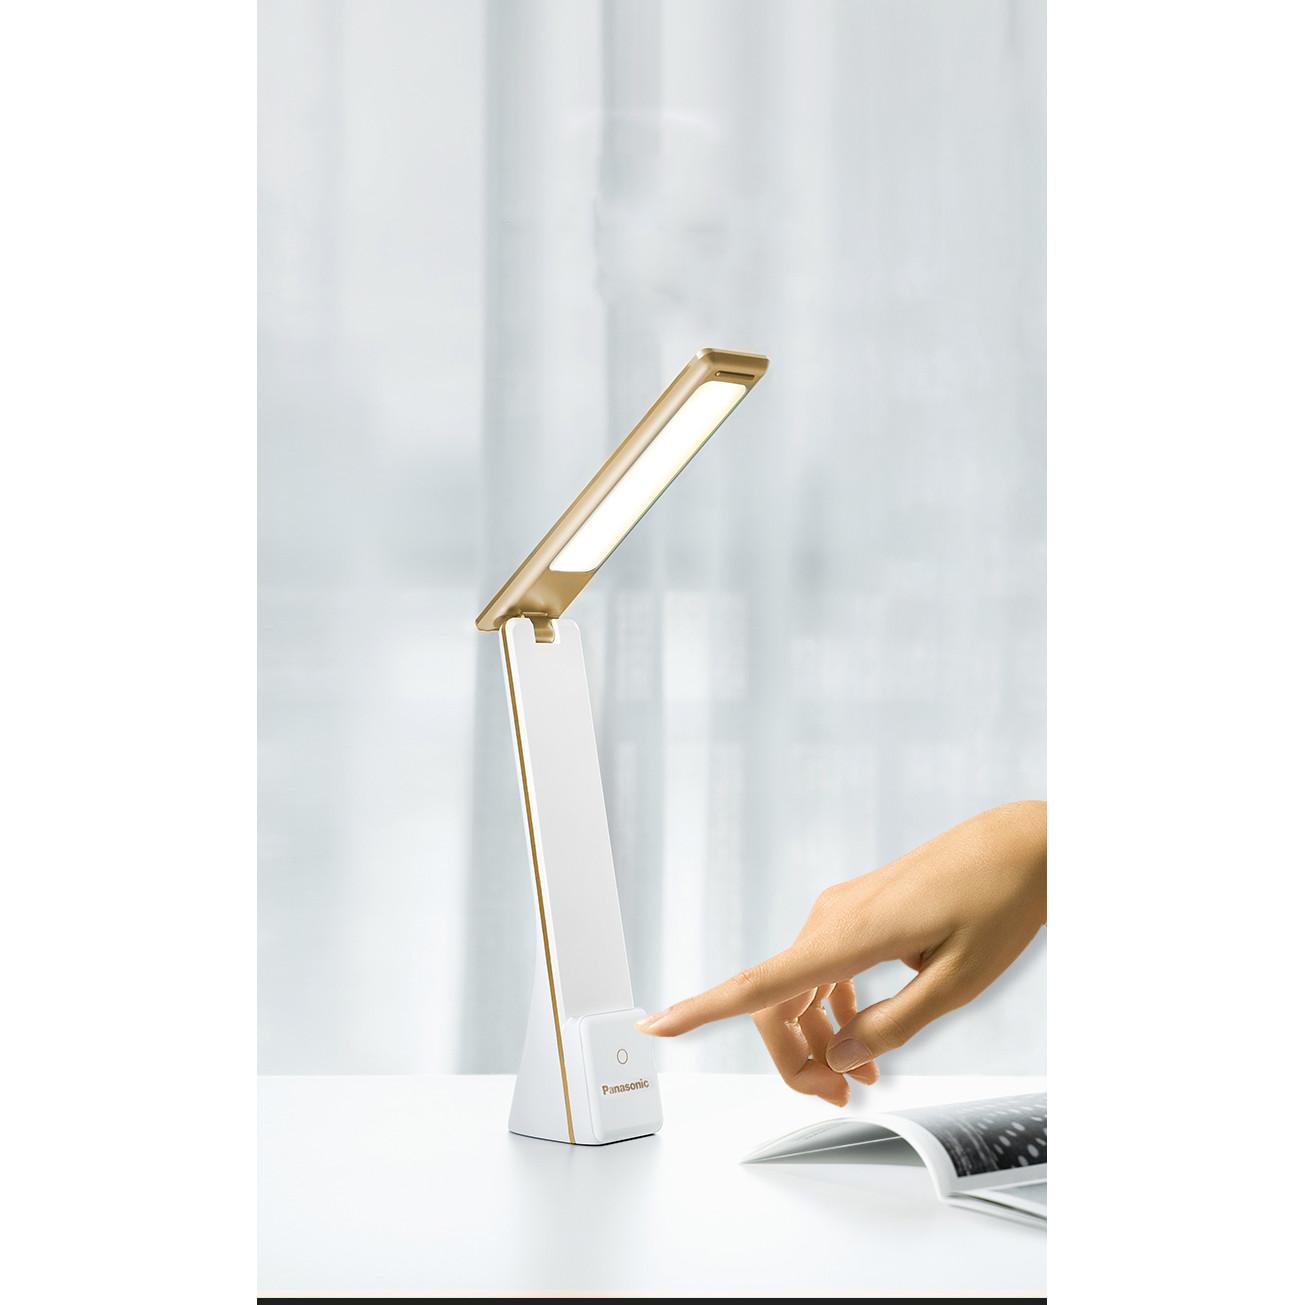 Đèn Led để bàn Panasonic HH-LT0333 tích điện, chống cận, công tác cảm ứng với 3 chế độ sáng (hàng nhập khẩu)